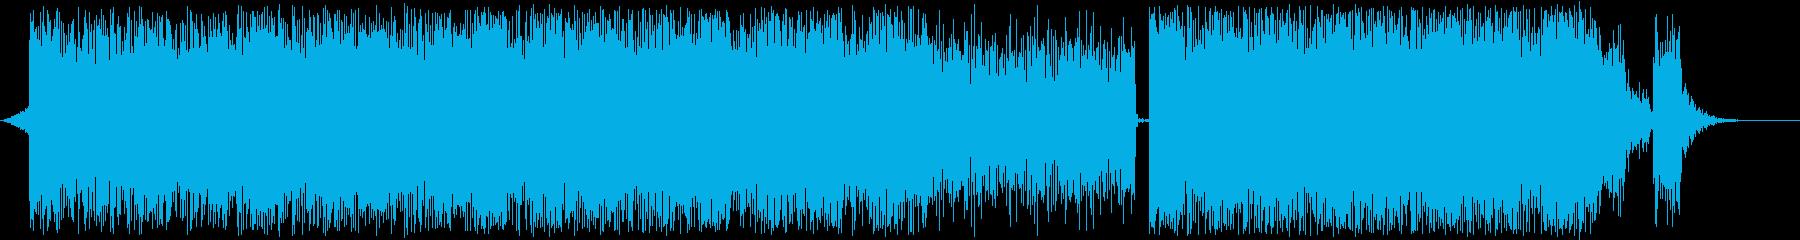 ビート主体の緊迫したテクスチャーの再生済みの波形